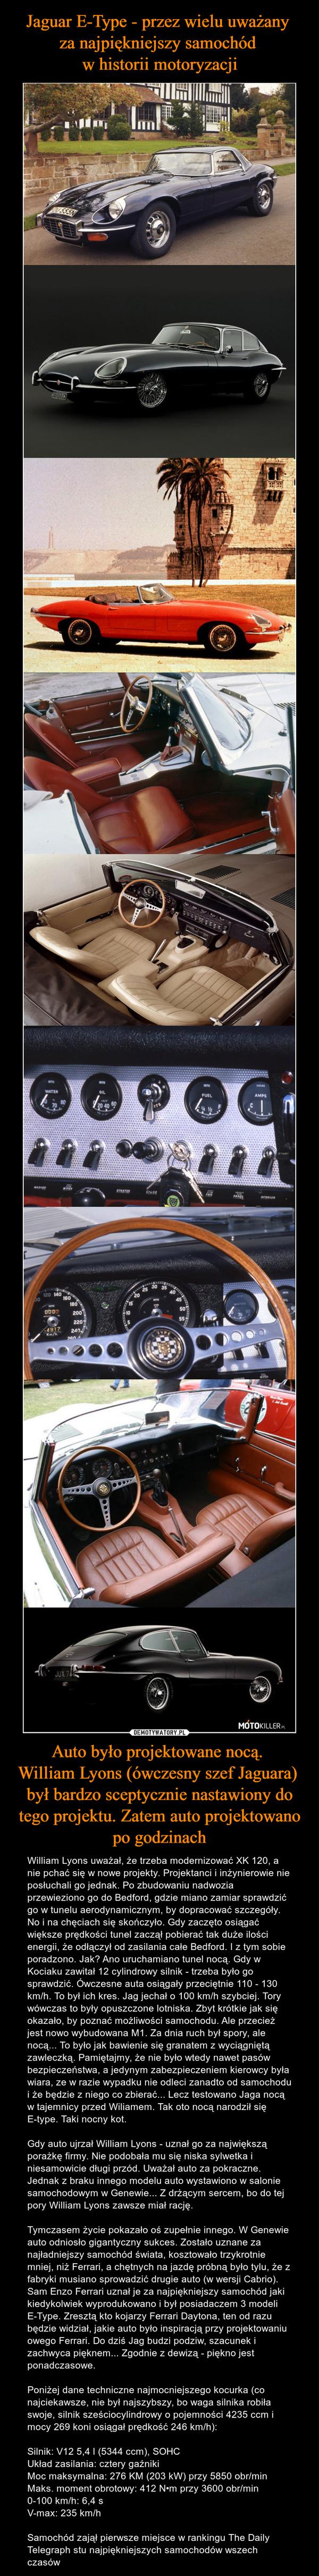 Auto było projektowane nocą. William Lyons (ówczesny szef Jaguara) był bardzo sceptycznie nastawiony do tego projektu. Zatem auto projektowano po godzinach – William Lyons uważał, że trzeba modernizować XK 120, a nie pchać się w nowe projekty. Projektanci i inżynierowie nie posłuchali go jednak. Po zbudowaniu nadwozia przewieziono go do Bedford, gdzie miano zamiar sprawdzić go w tunelu aerodynamicznym, by dopracować szczegóły. No i na chęciach się skończyło. Gdy zaczęto osiągać większe prędkości tunel zaczął pobierać tak duże ilości energii, że odłączył od zasilania całe Bedford. I z tym sobie poradzono. Jak? Ano uruchamiano tunel nocą. Gdy w Kociaku zawitał 12 cylindrowy silnik - trzeba było go sprawdzić. Ówczesne auta osiągały przeciętnie 110 - 130 km/h. To był ich kres. Jag jechał o 100 km/h szybciej. Tory wówczas to były opuszczone lotniska. Zbyt krótkie jak się okazało, by poznać możliwości samochodu. Ale przecież jest nowo wybudowana M1. Za dnia ruch był spory, ale nocą... To było jak bawienie się granatem z wyciągniętą zawleczką. Pamiętajmy, że nie było wtedy nawet pasów bezpieczeństwa, a jedynym zabezpieczeniem kierowcy była wiara, ze w razie wypadku nie odleci zanadto od samochodu i że będzie z niego co zbierać... Lecz testowano Jaga nocą w tajemnicy przed Wiliamem. Tak oto nocą narodził się E-type. Taki nocny kot.Gdy auto ujrzał William Lyons - uznał go za największą porażkę firmy. Nie podobała mu się niska sylwetka i niesamowicie długi przód. Uważał auto za pokraczne. Jednak z braku innego modelu auto wystawiono w salonie samochodowym w Genewie... Z drżącym sercem, bo do tej pory William Lyons zawsze miał rację.Tymczasem życie pokazało oś zupełnie innego. W Genewie auto odniosło gigantyczny sukces. Zostało uznane za najładniejszy samochód świata, kosztowało trzykrotnie mniej, niż Ferrari, a chętnych na jazdę próbną było tylu, że z fabryki musiano sprowadzić drugie auto (w wersji Cabrio). Sam Enzo Ferrari uznał je za najpiękniejszy samochód jaki kiedykolwi